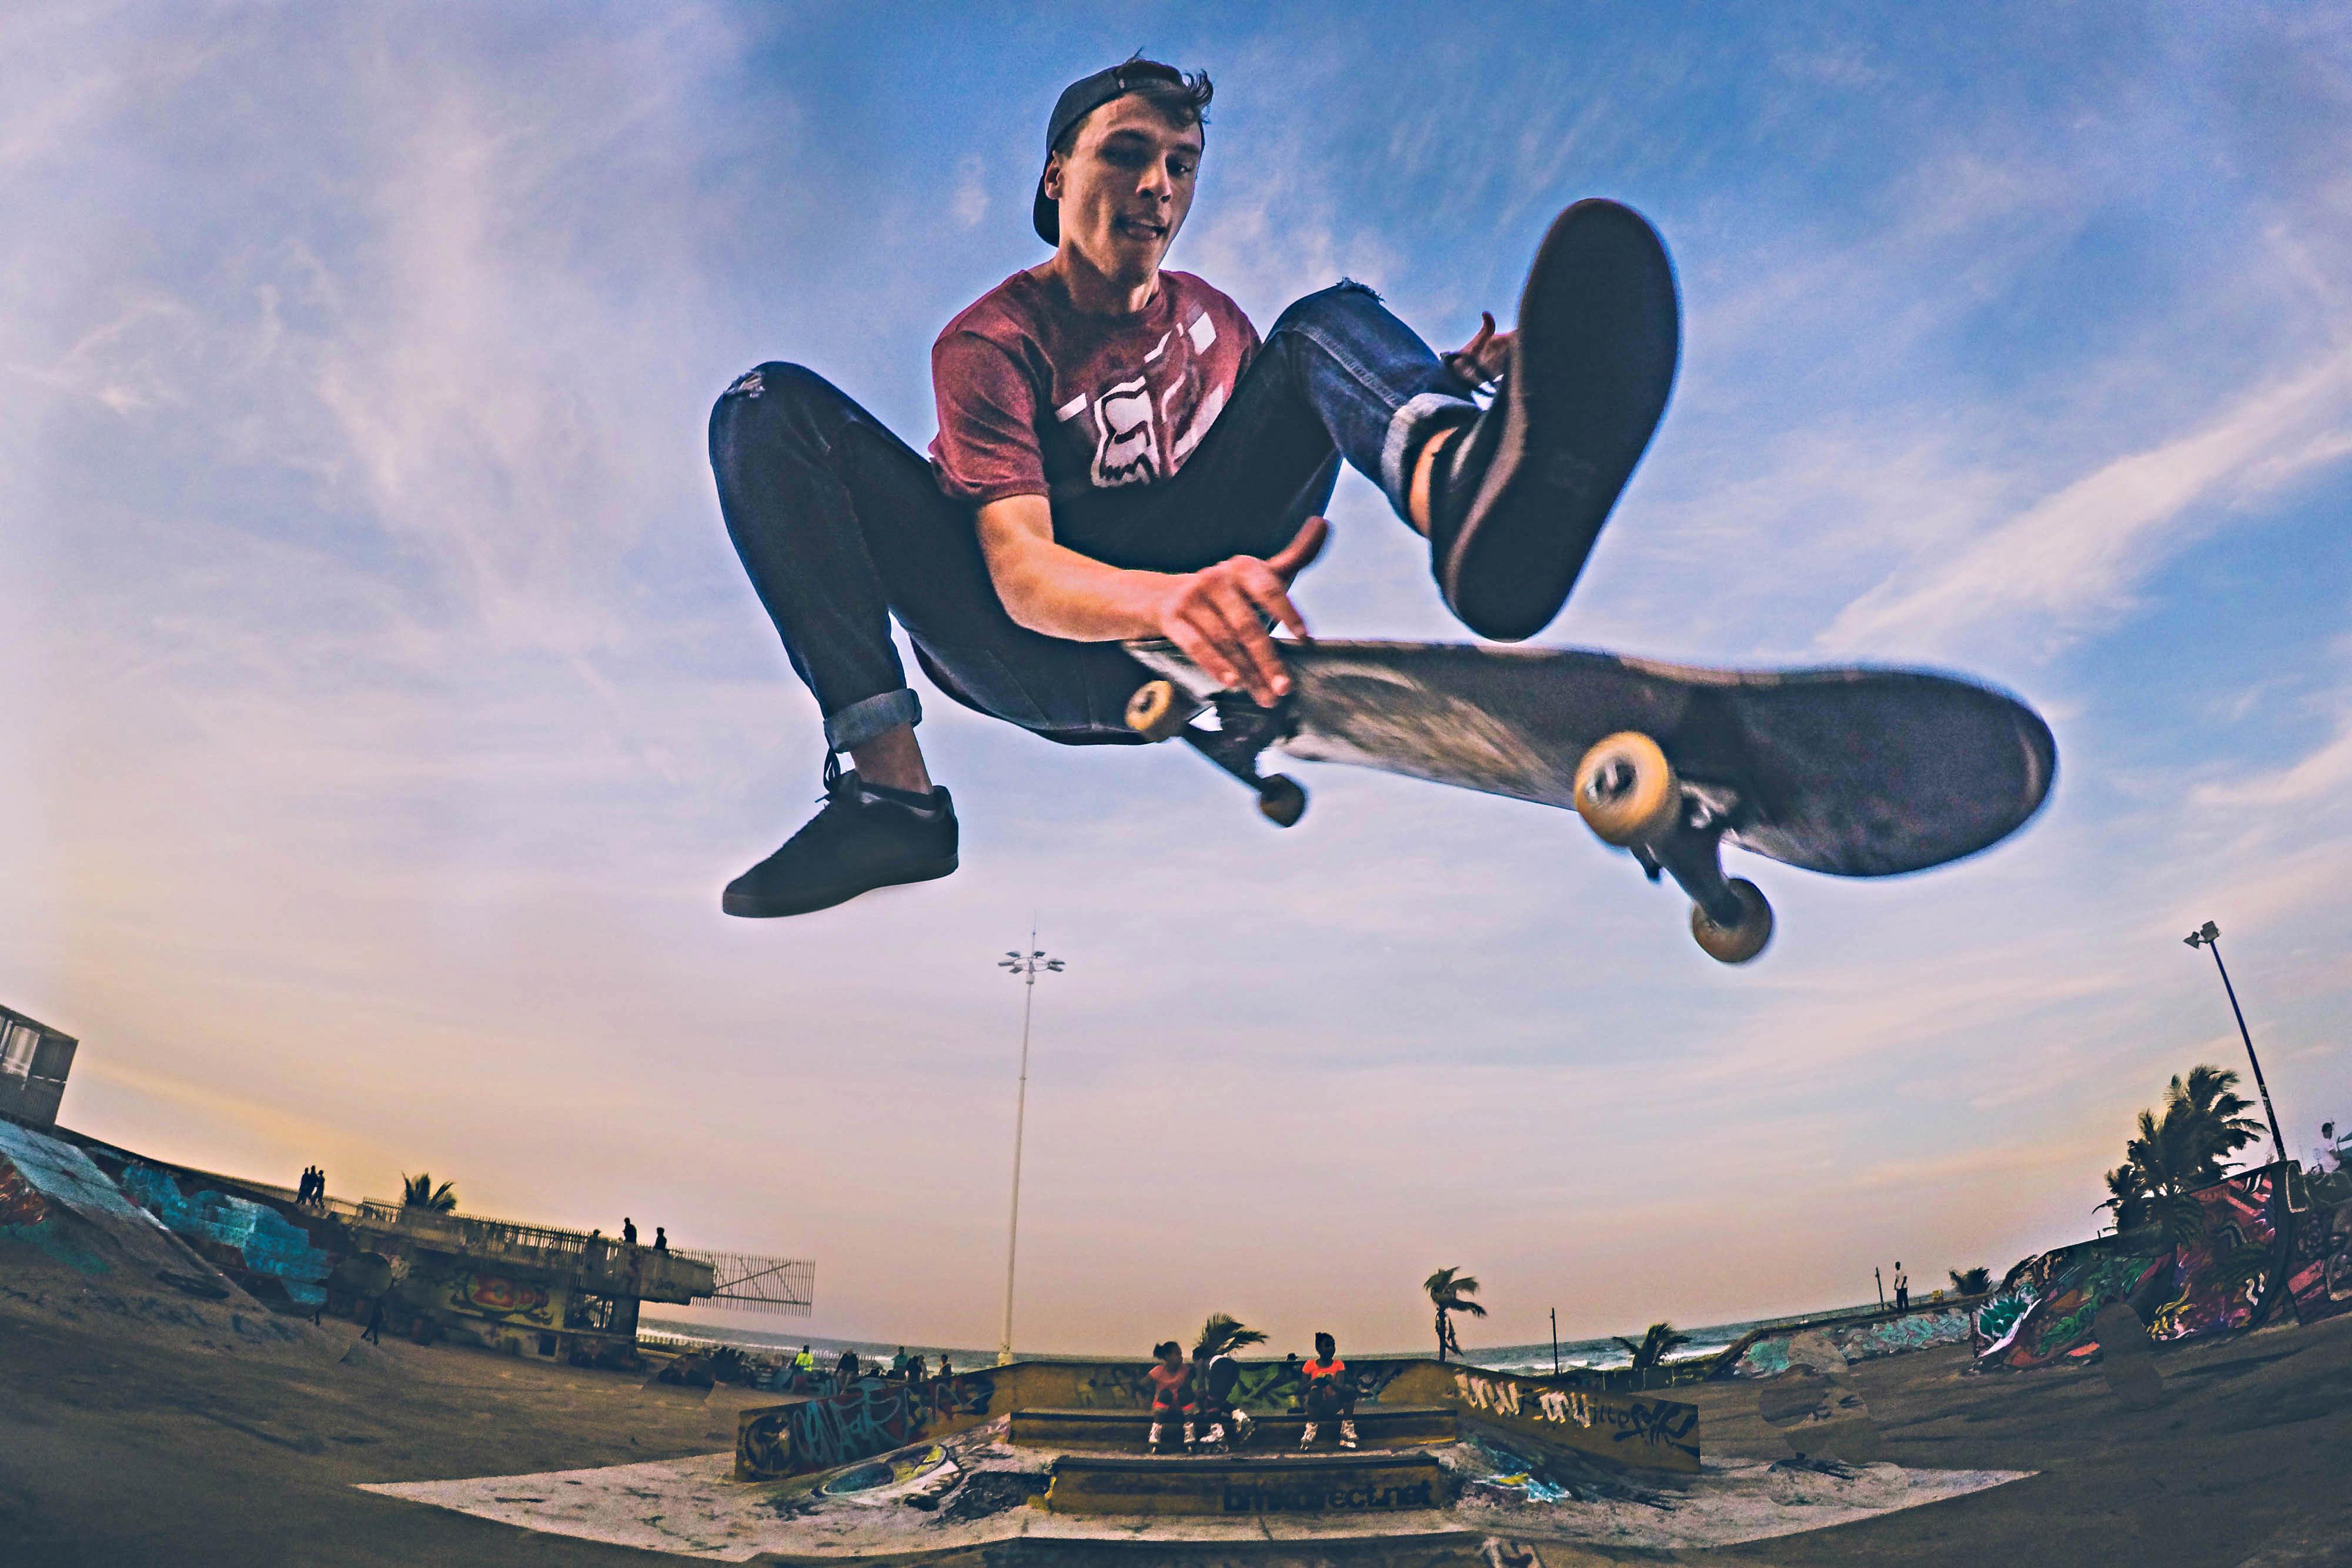 правильный как сделать крутое фото в прыжке вот специально композиции